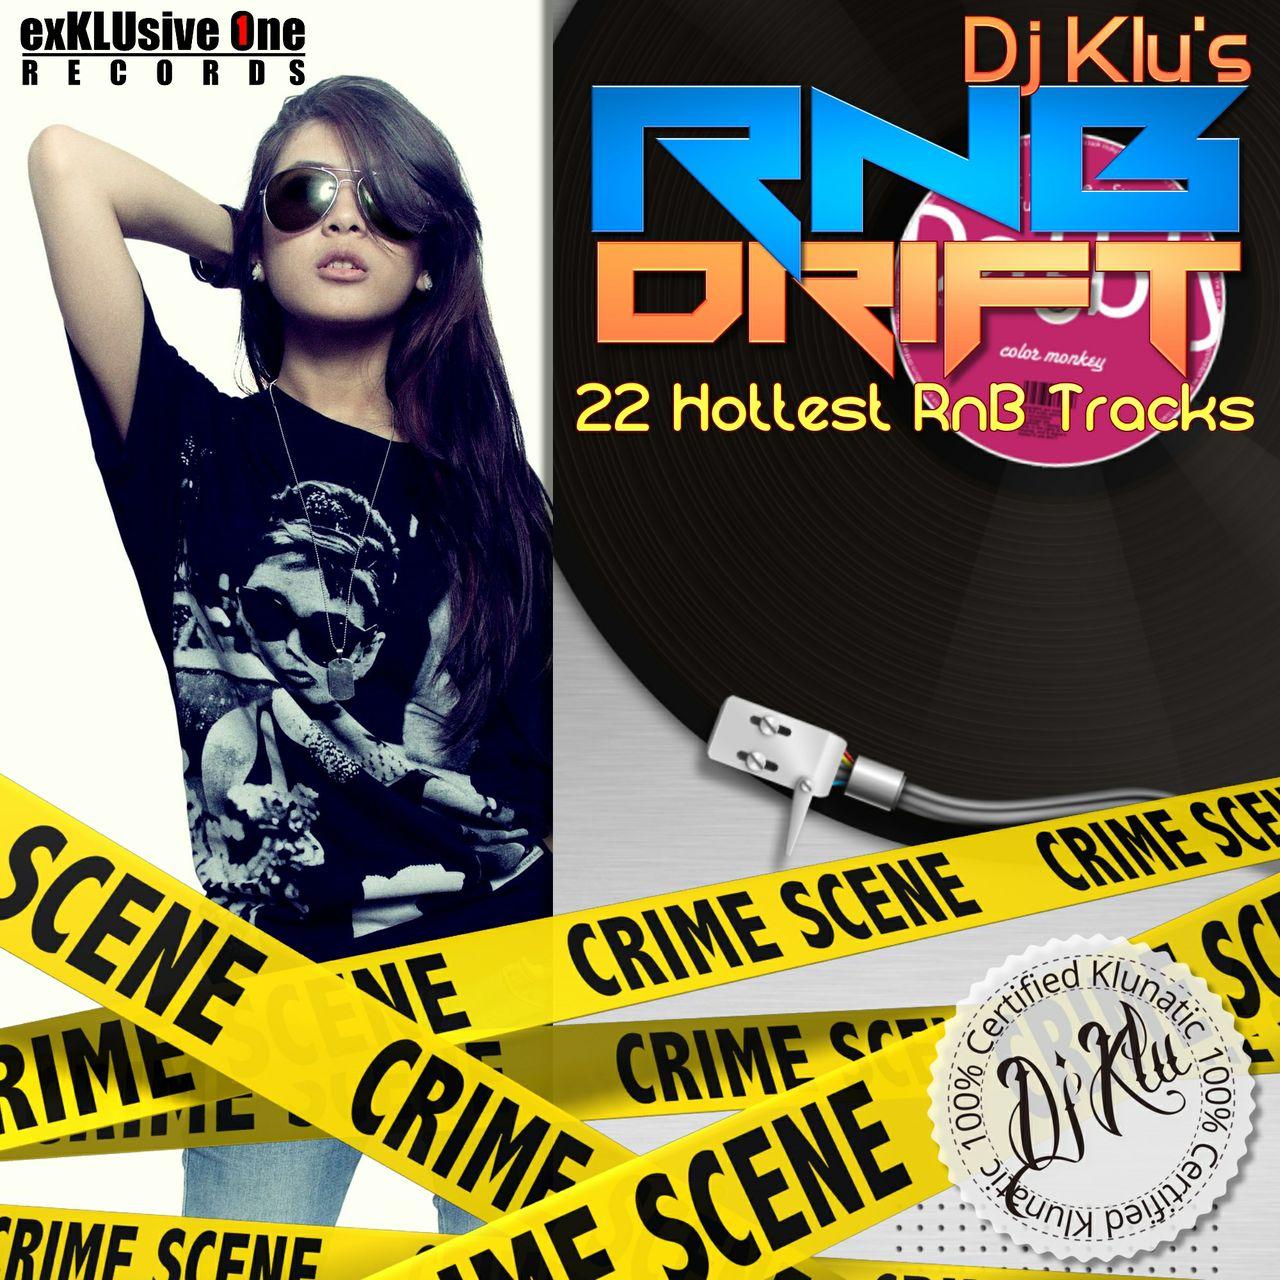 Dj Klu's RNB Drift 2K14